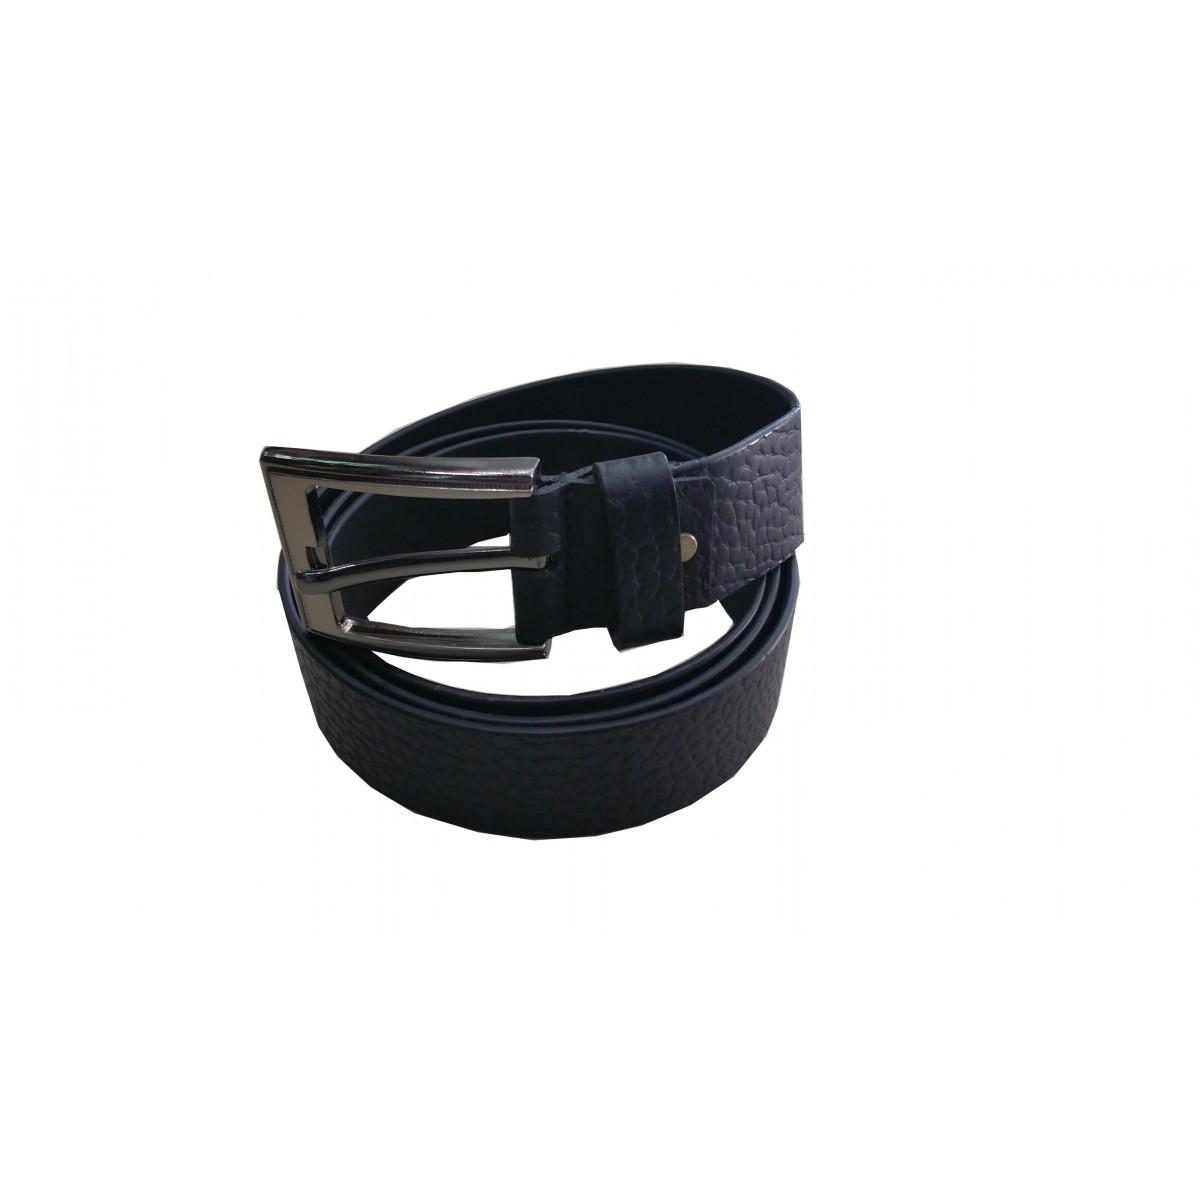 Doc amp mark gent s belt